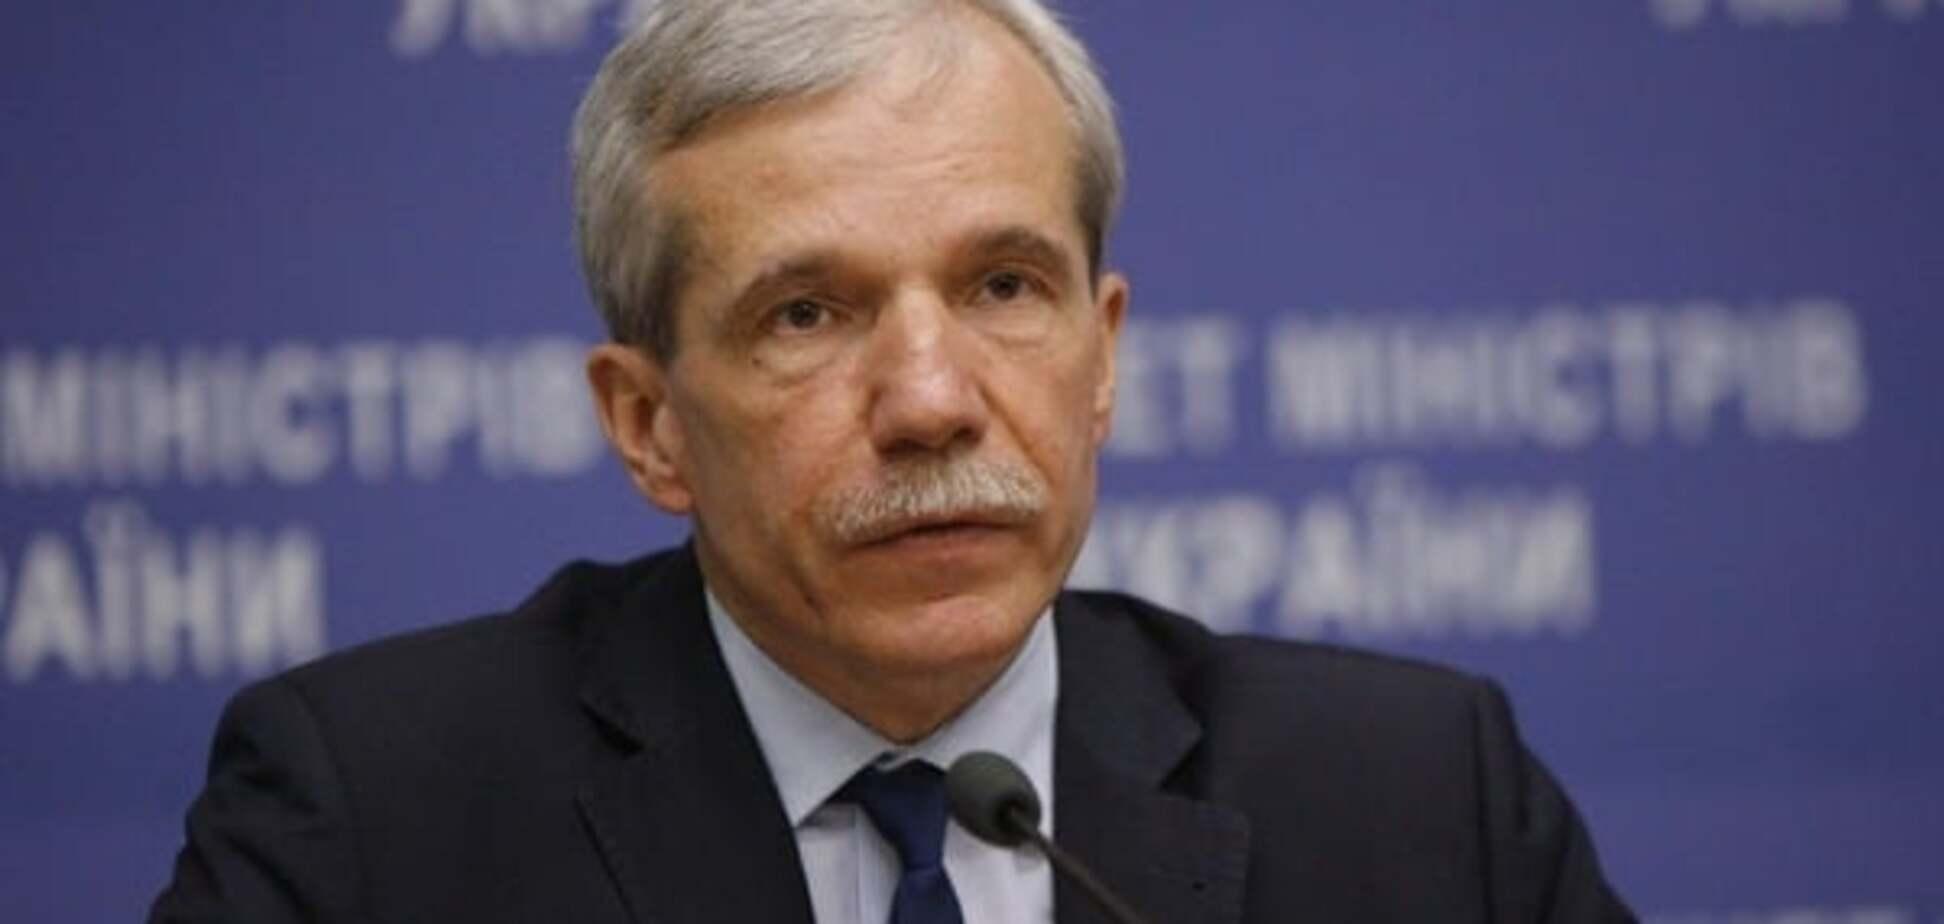 Сергей Курыкин: обвинения Яценюка безосновательны